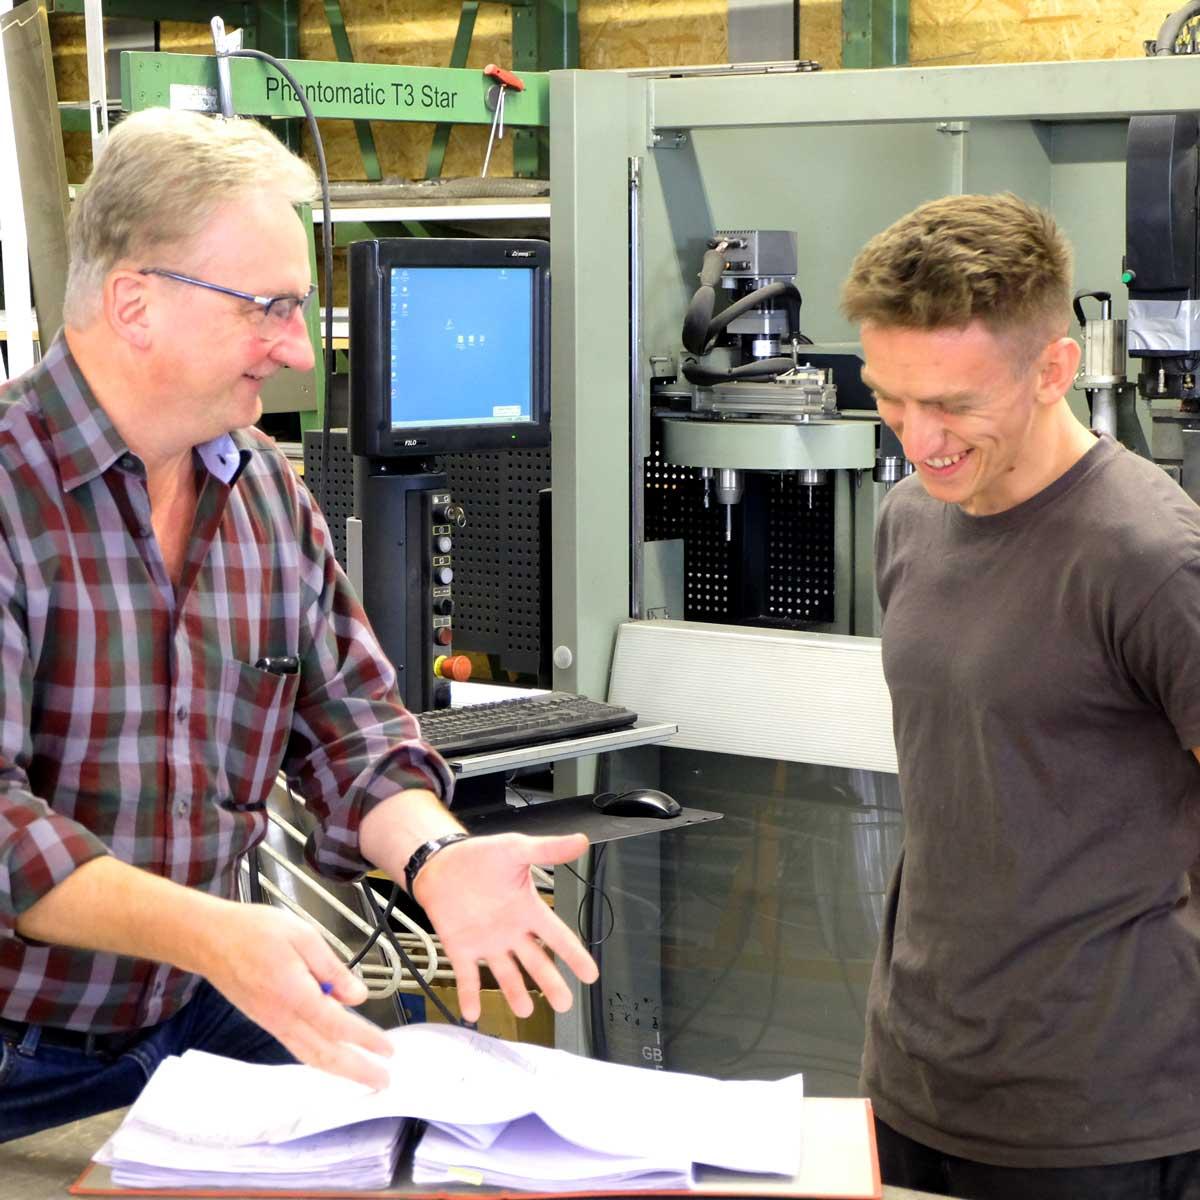 Timm Fensterbau, Karriere: Metallbauer Ausbildung